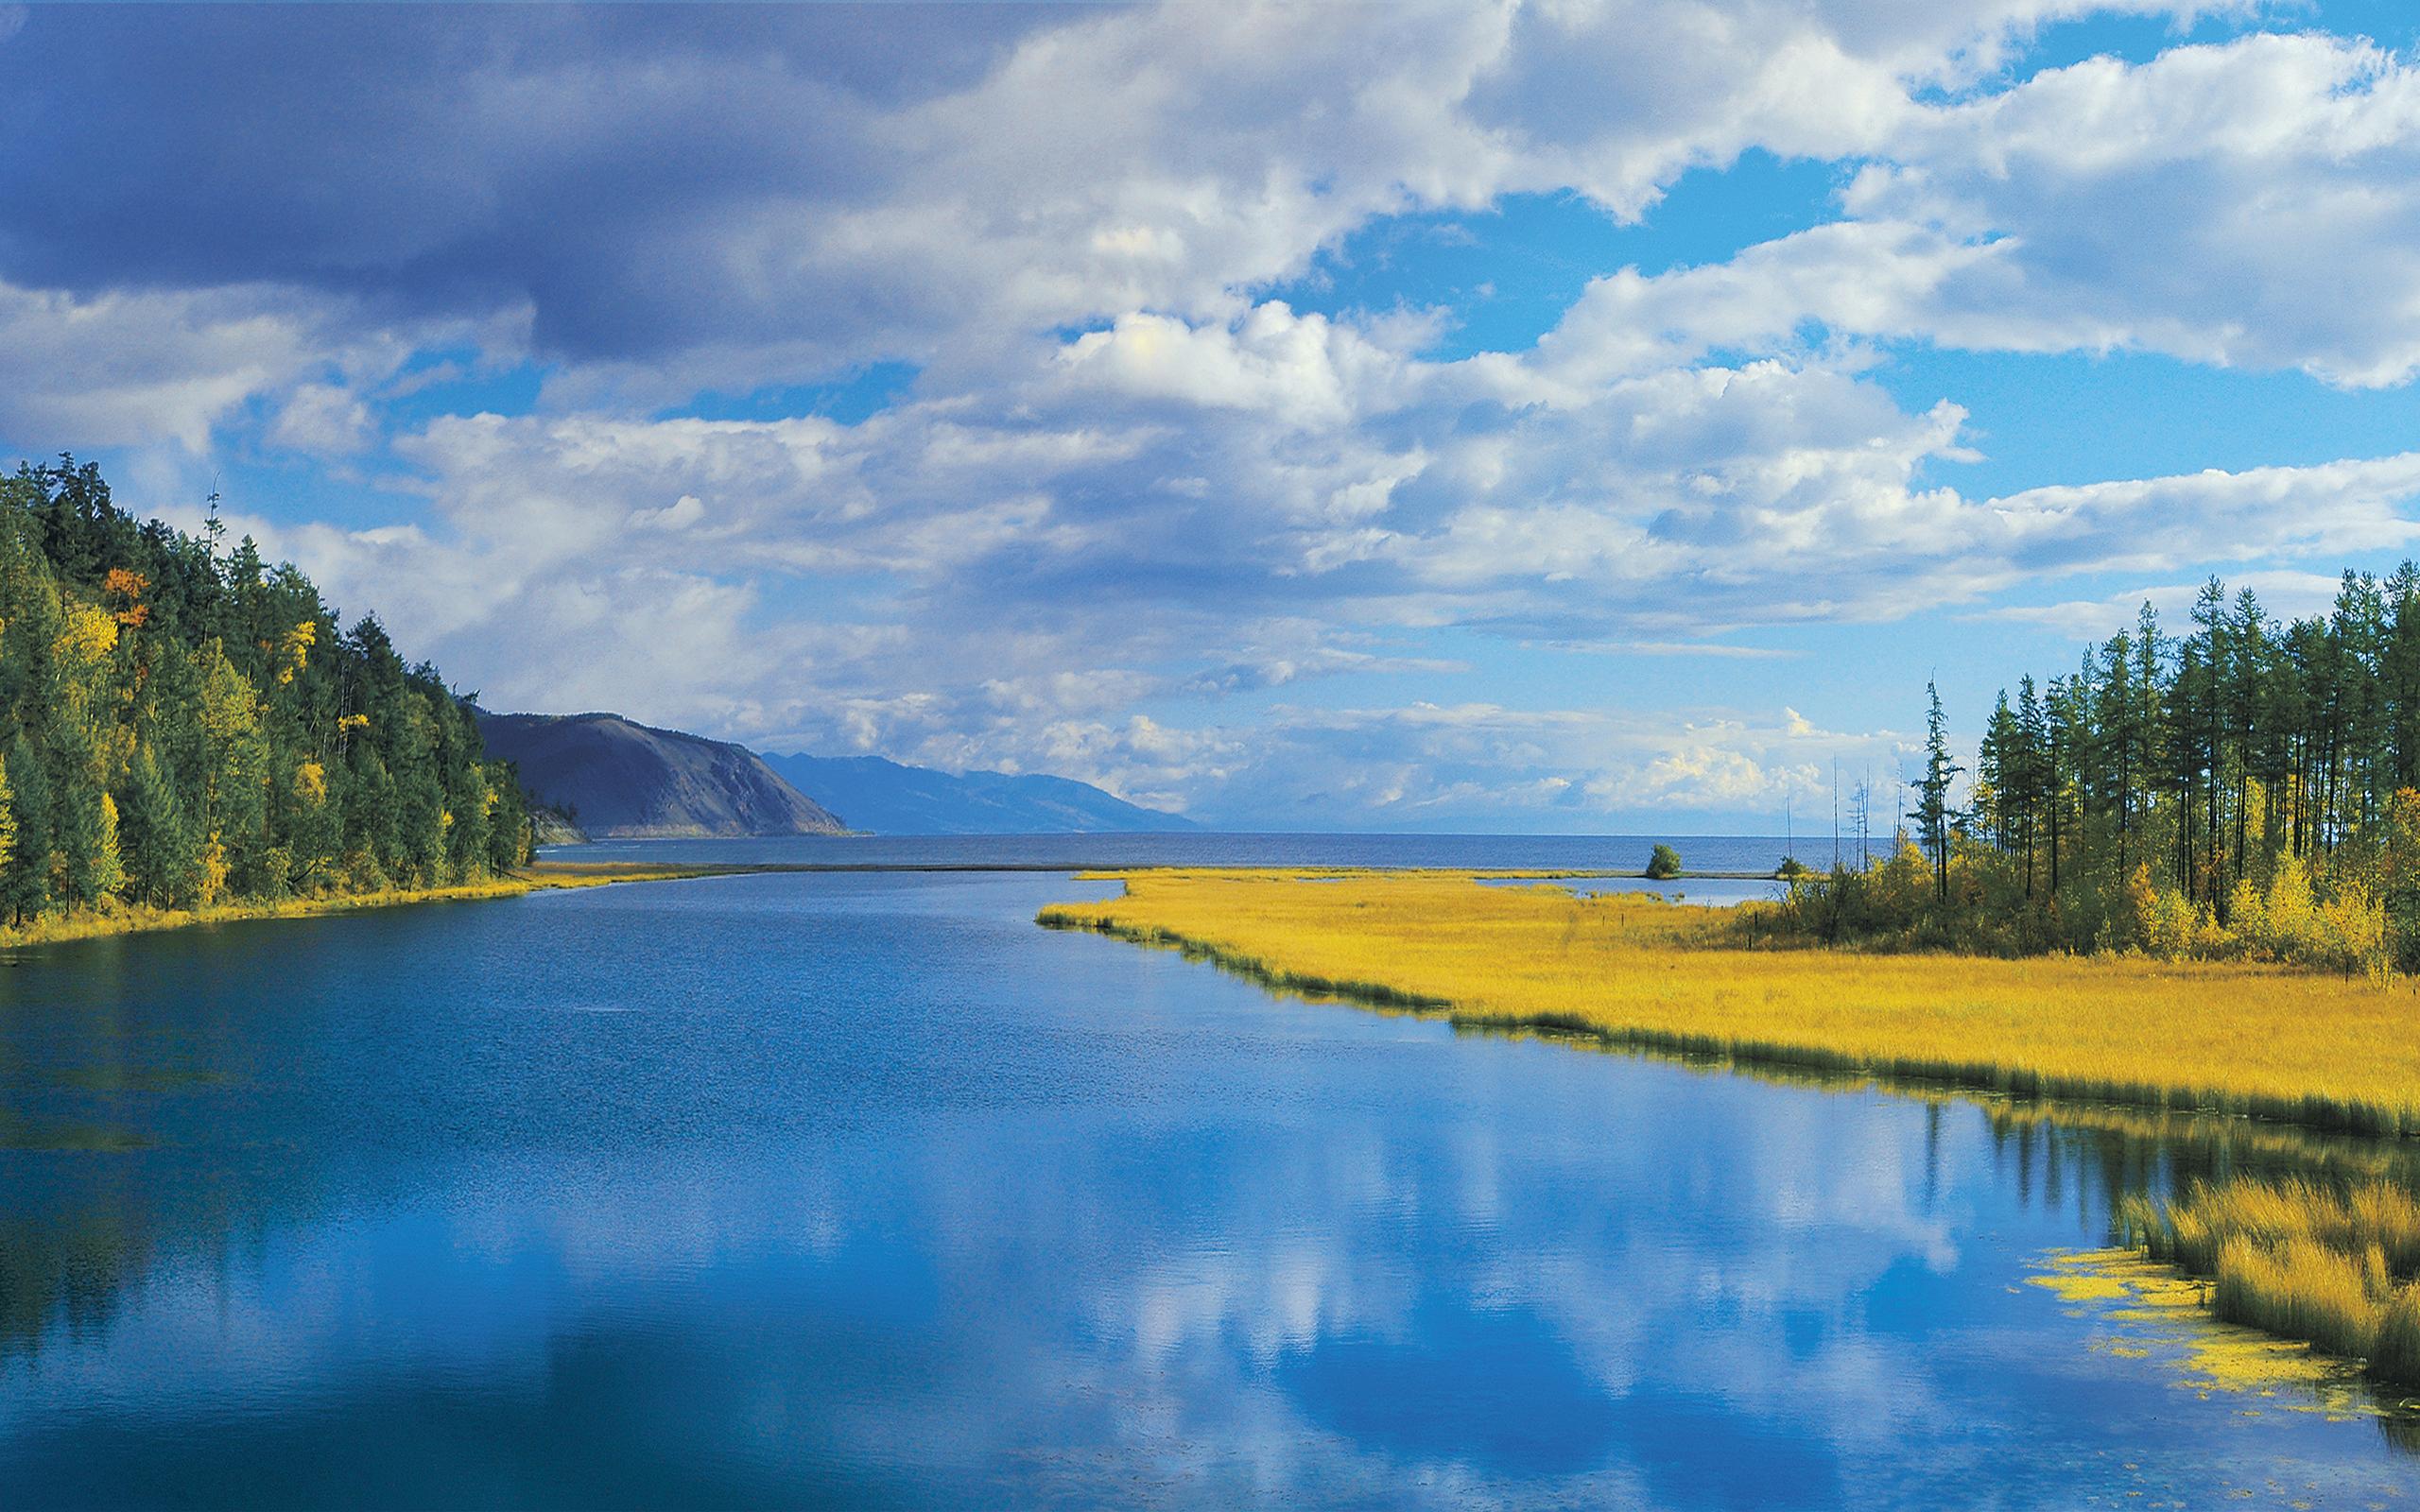 природа горы небо облака деревья река  № 2578084 бесплатно